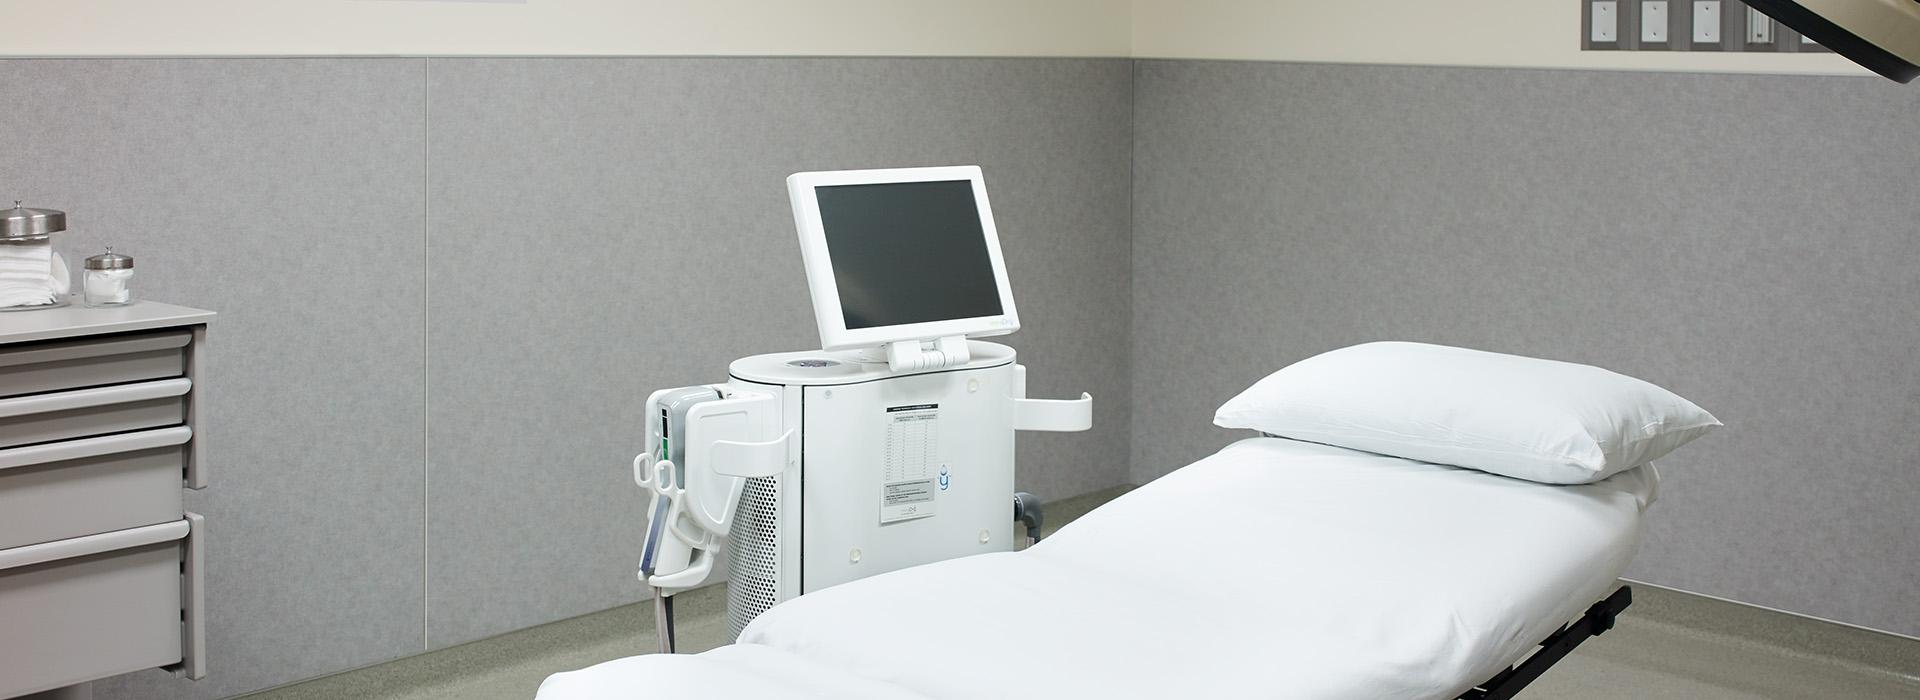 Doctors office procedure room 6447 Sarum Duotex HardStop